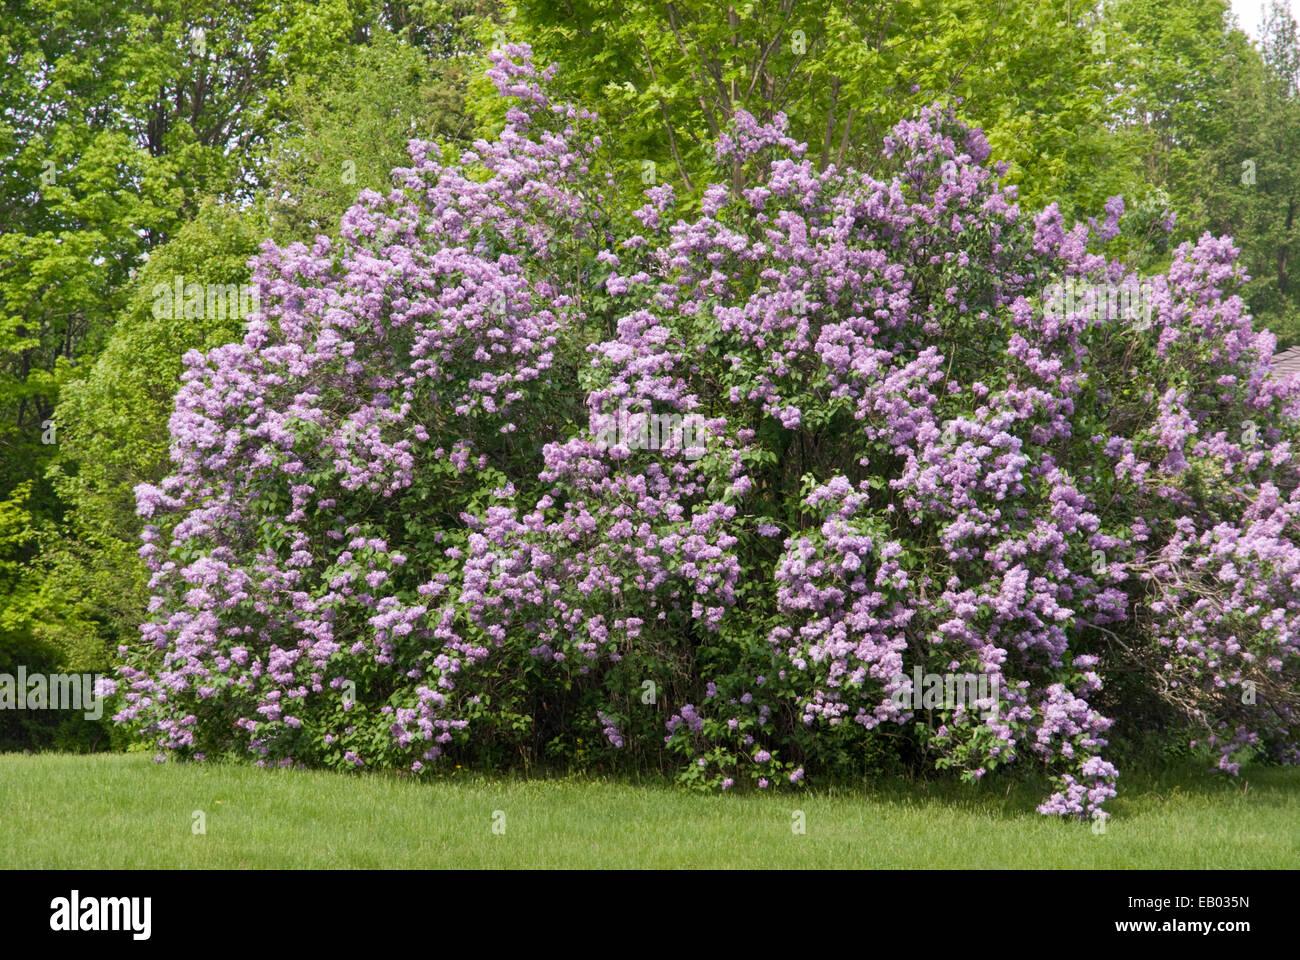 Albero Di Lillà albero di lillà - syringa foto stock - alamy